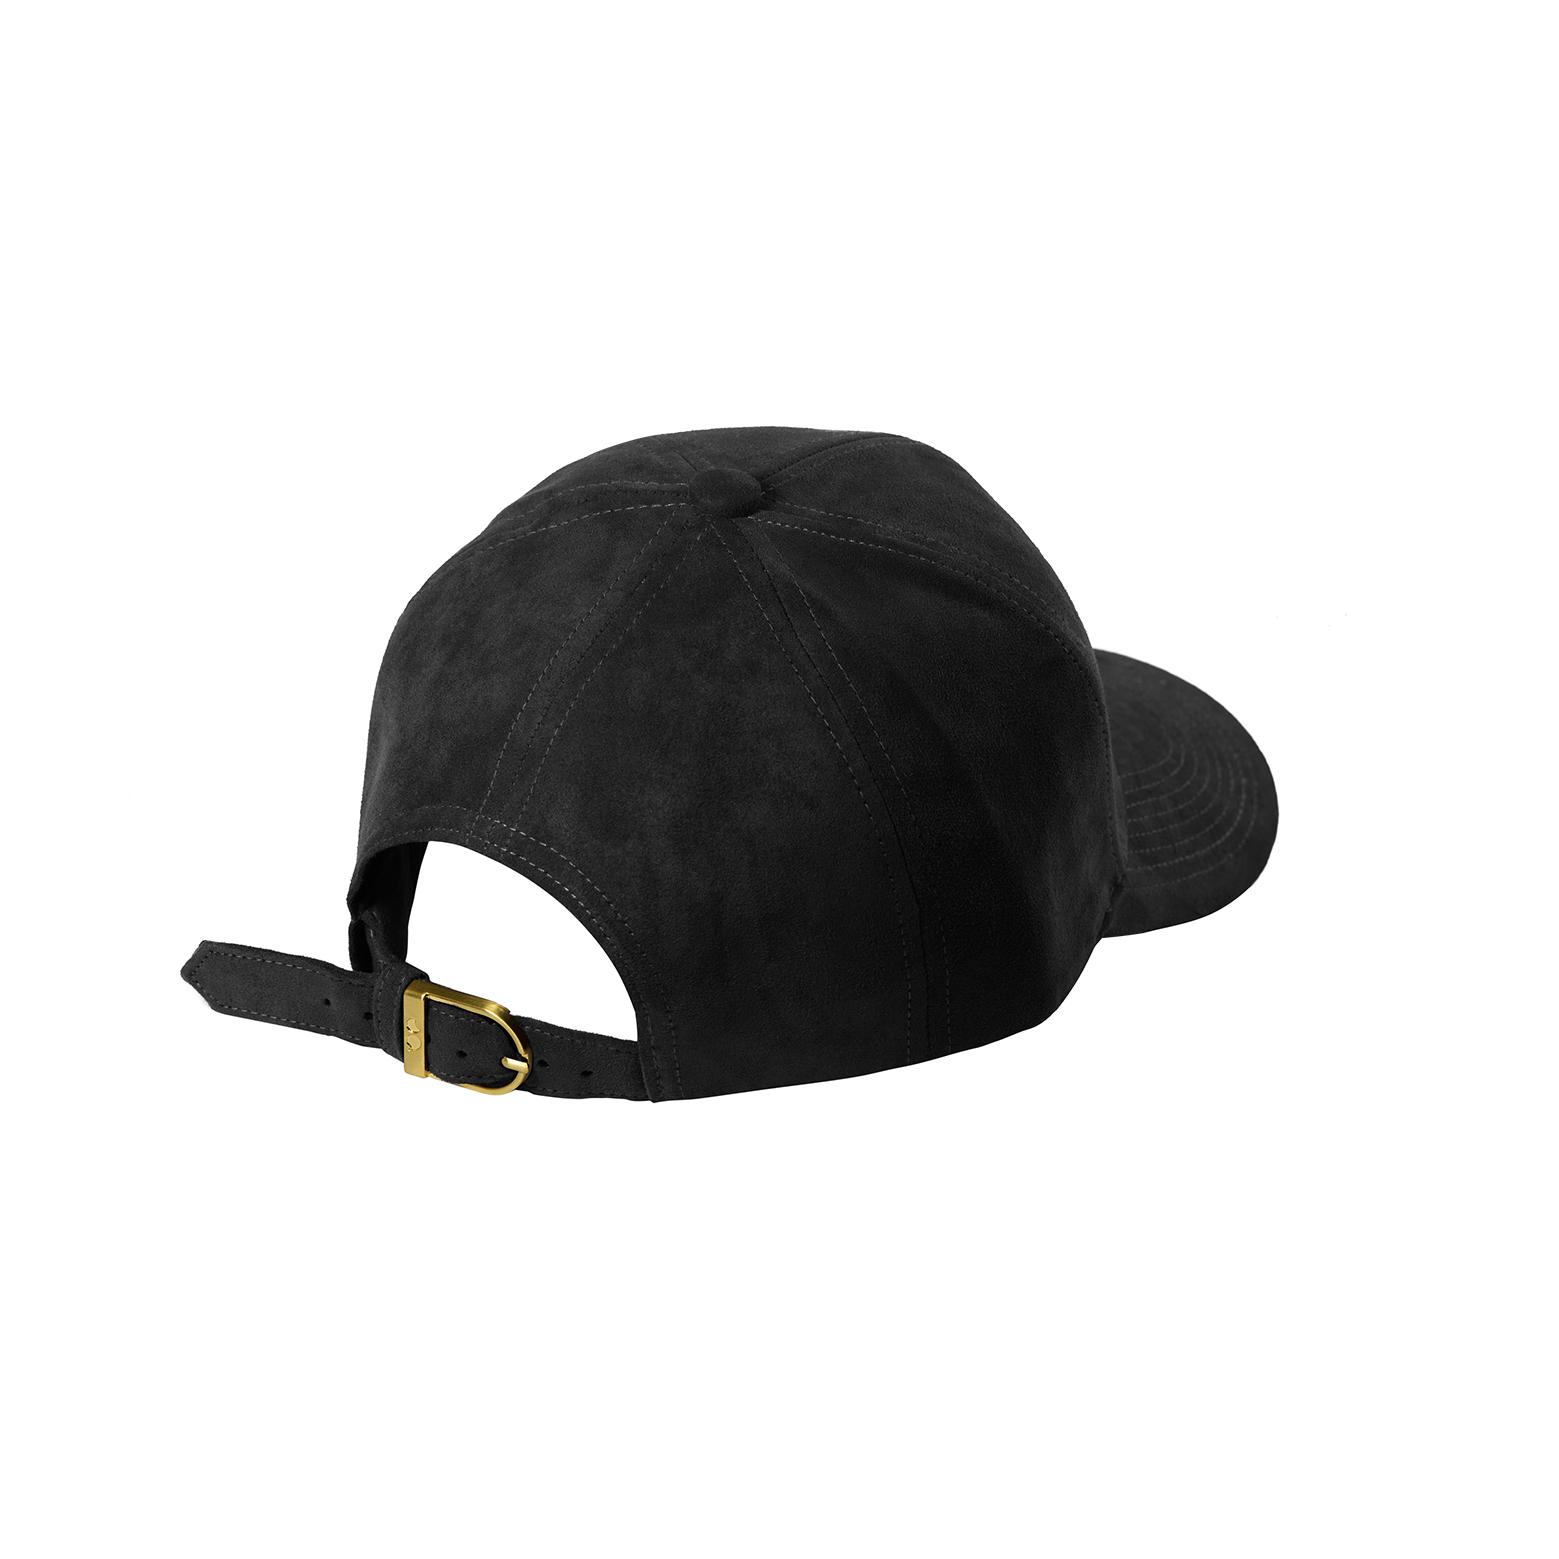 BASEBALL CAP BLACK GOLD SUEDE BACK SIDE